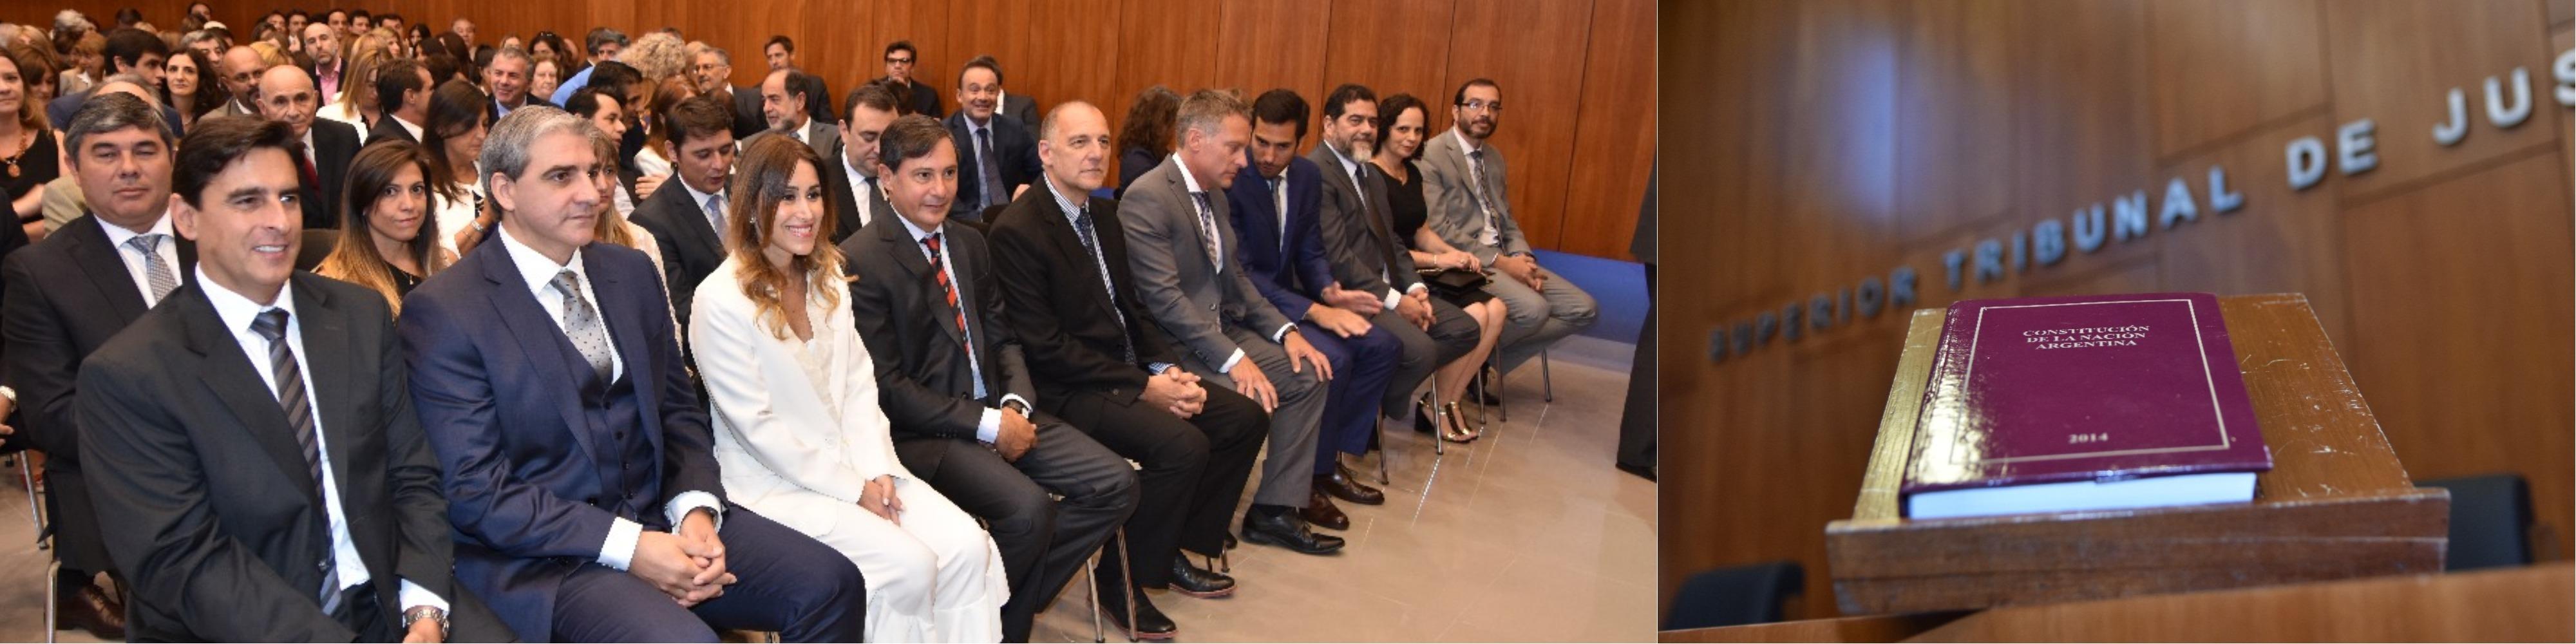 El STJ tomó juramento y puso en funciones a 15 nuevos jueces titulares de Gualeguaychú, Gualeguay, C. del Uruguay, Concordia y Paraná